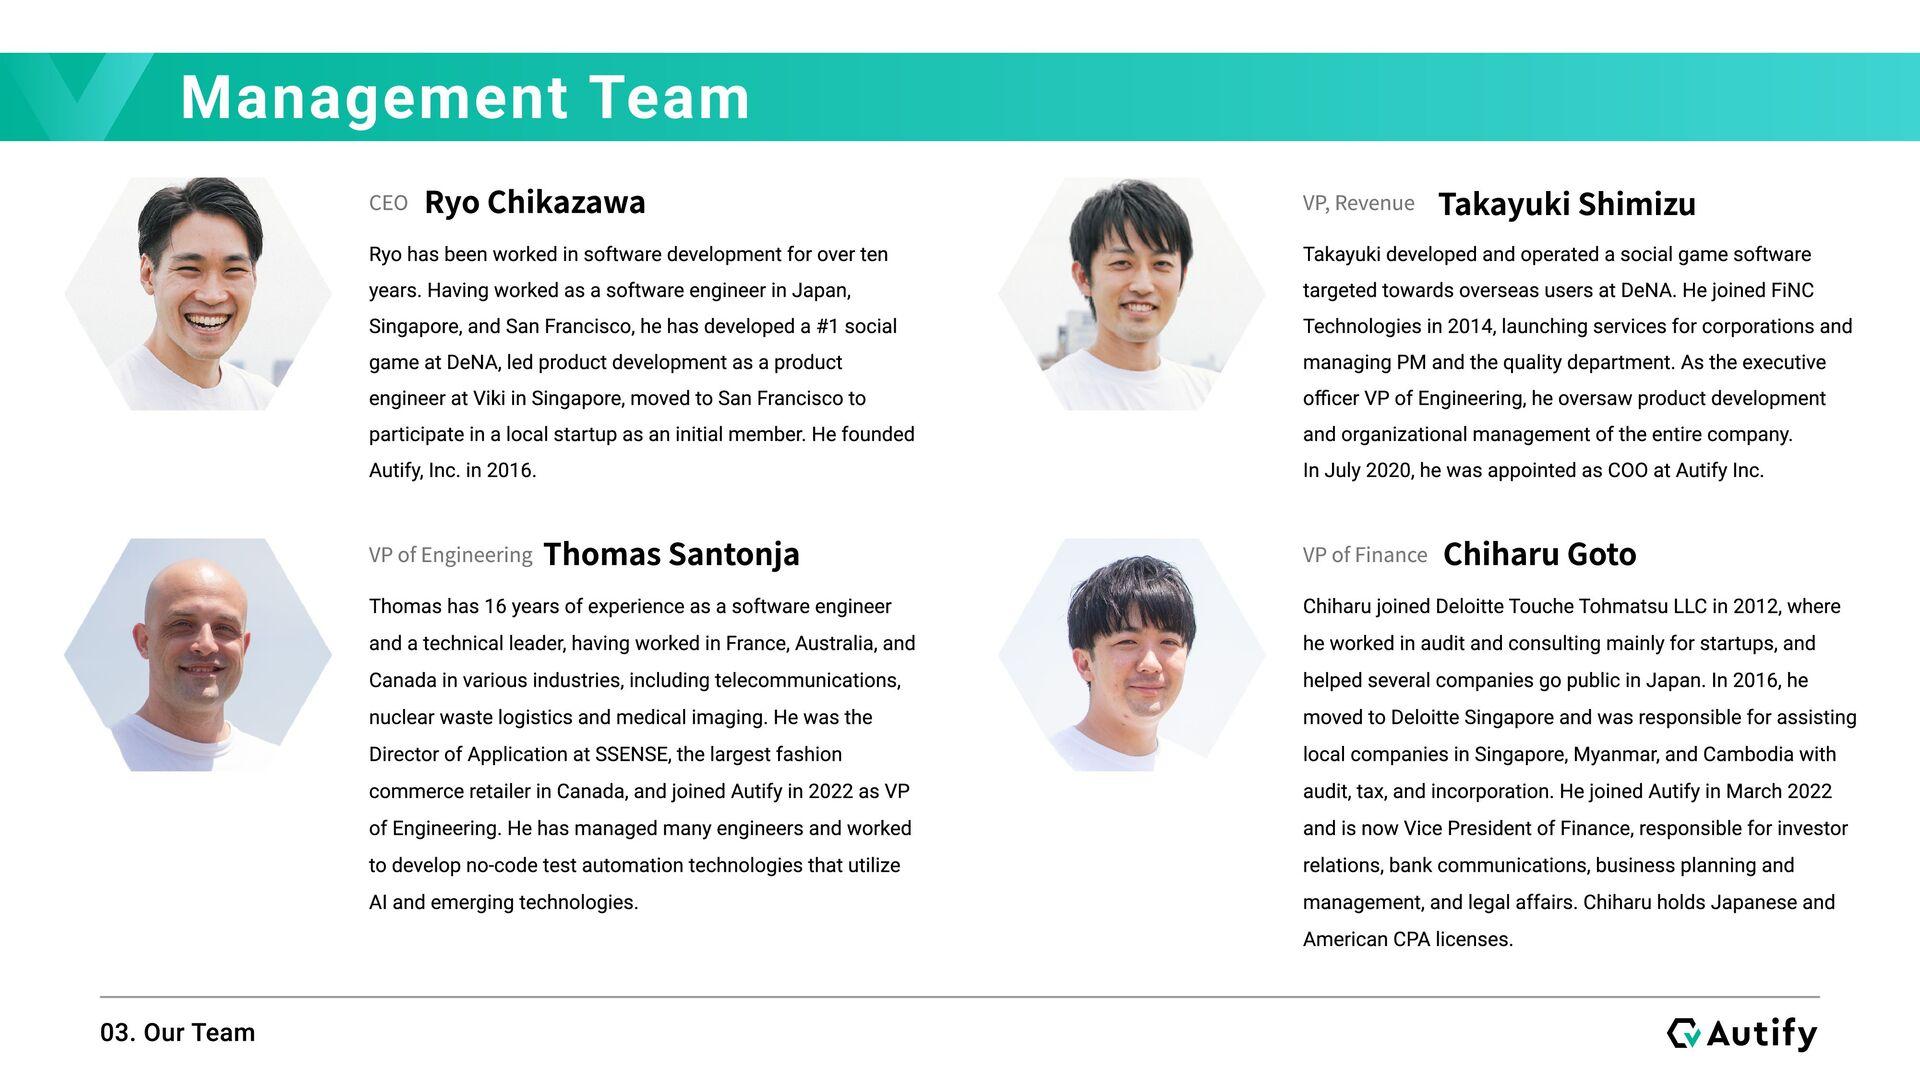 04. Work Environment